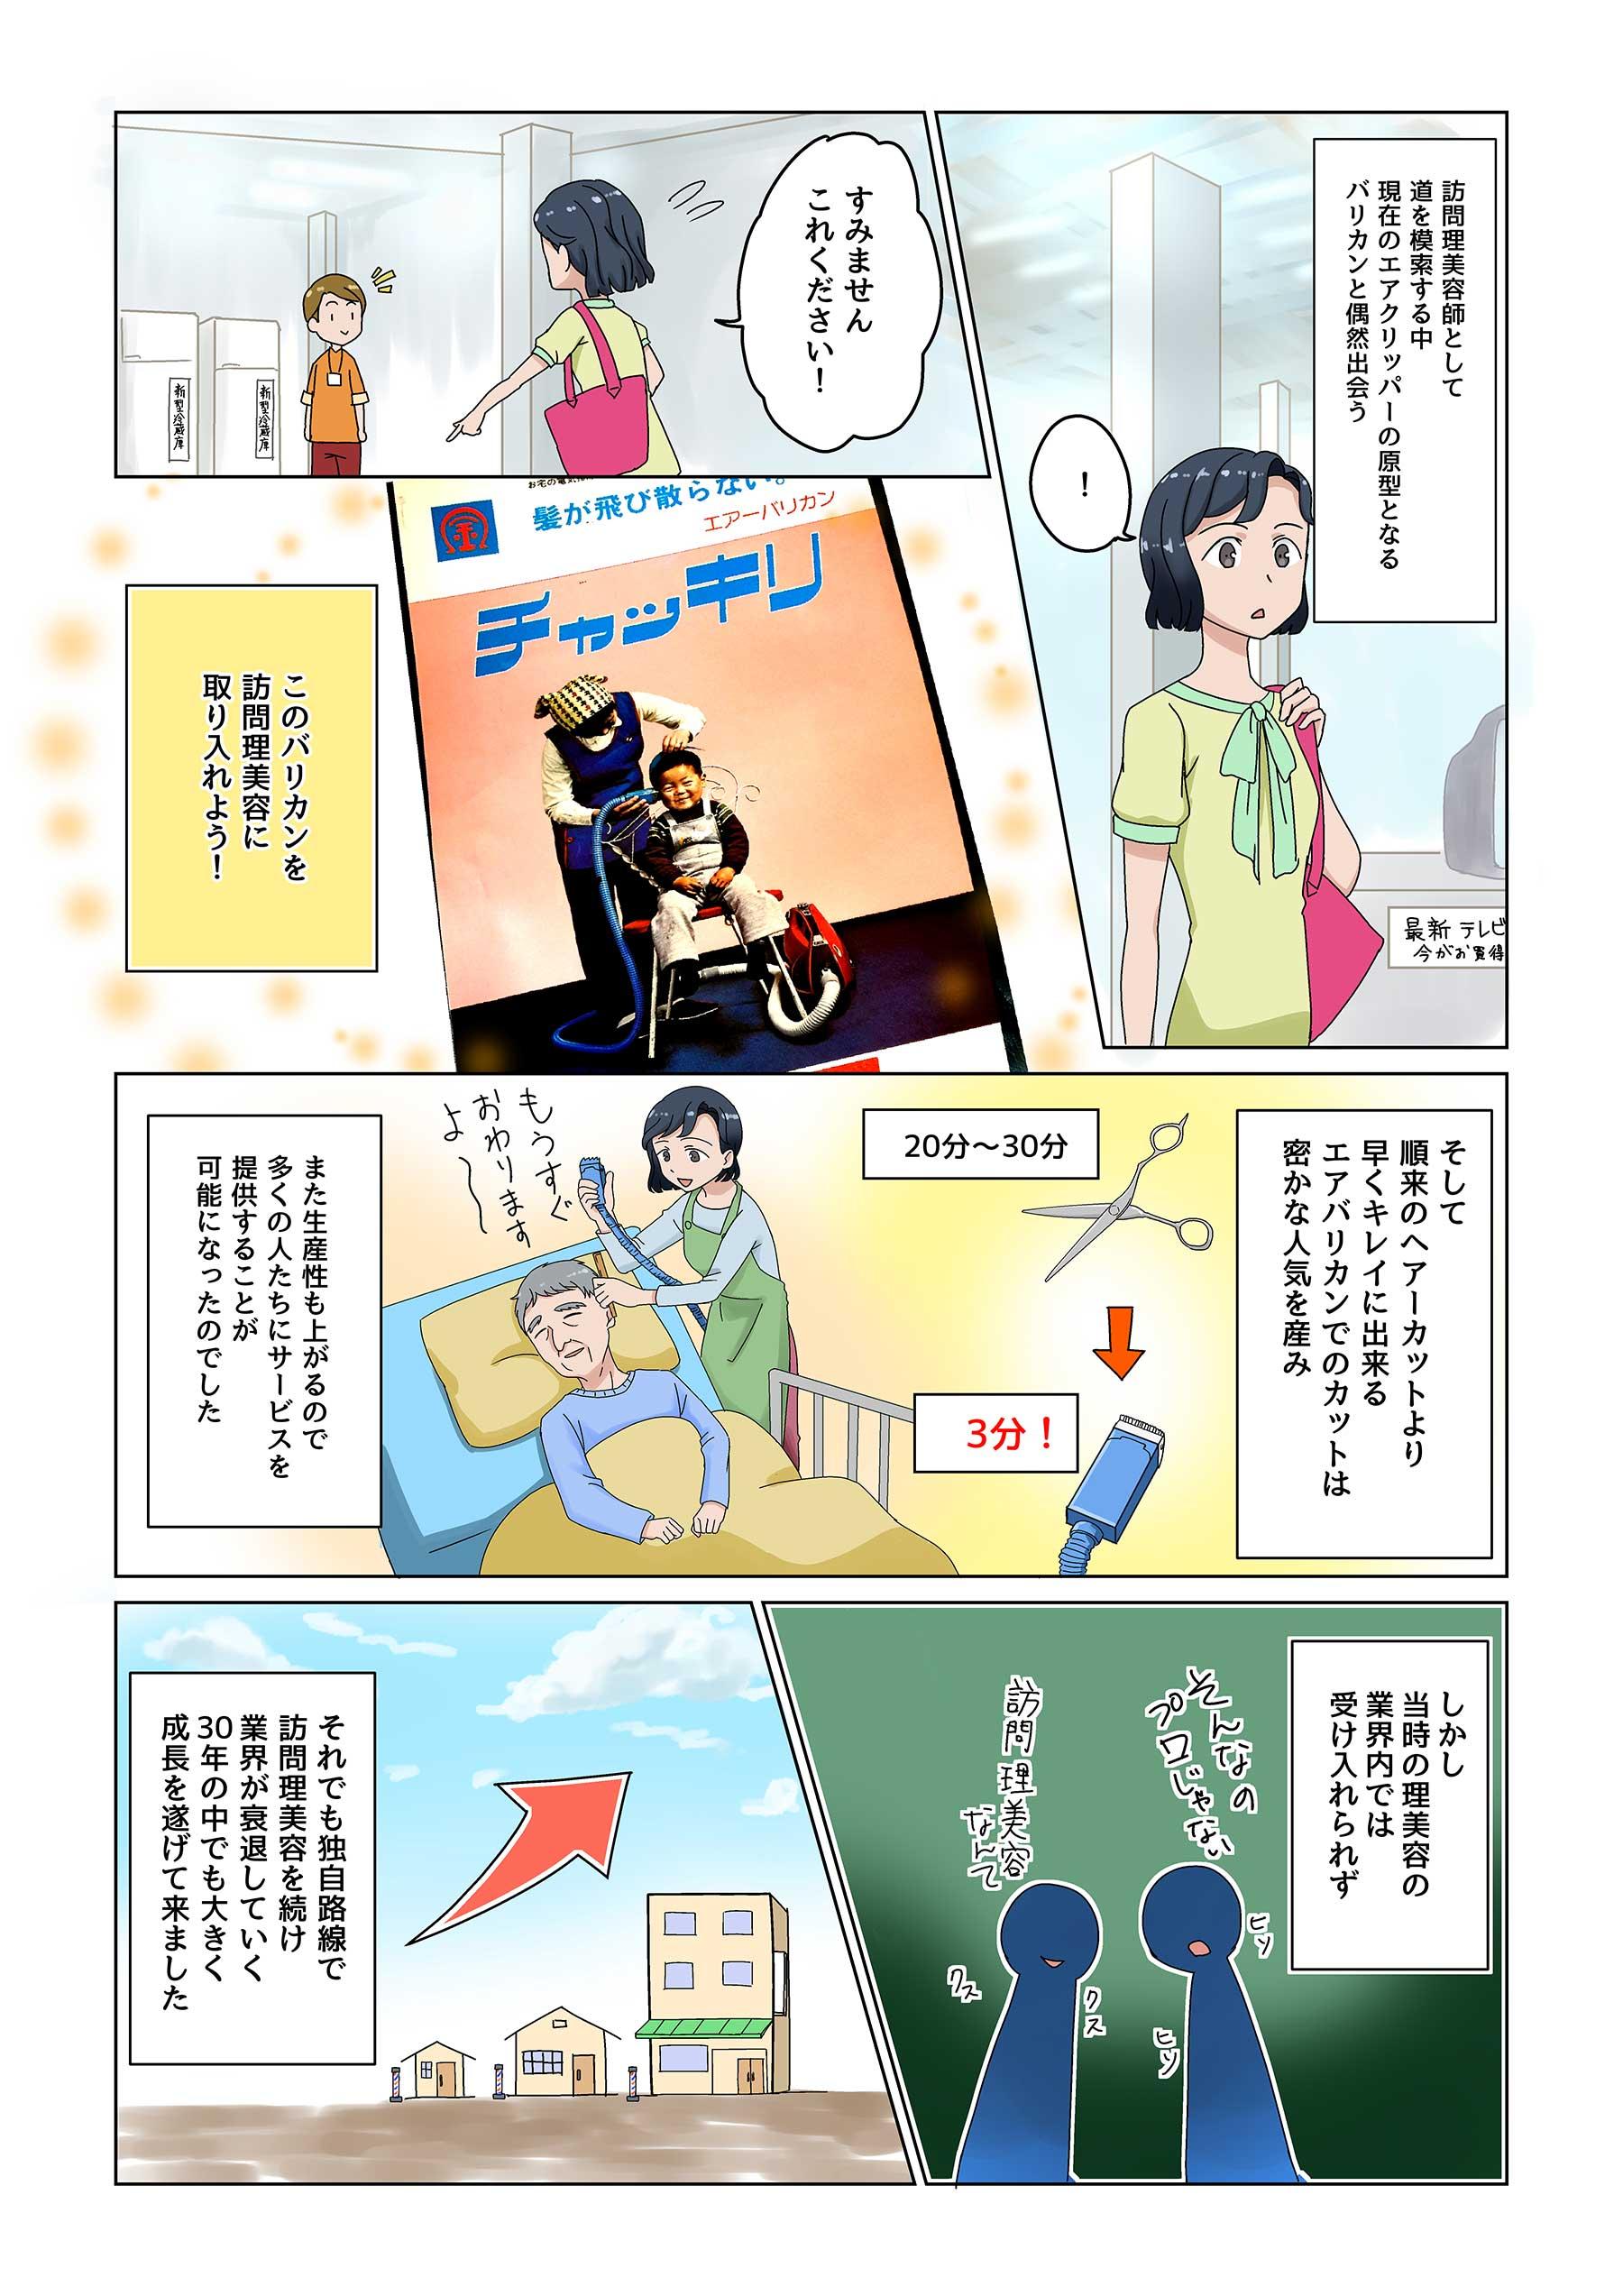 エアクリッパー 開発秘話 02